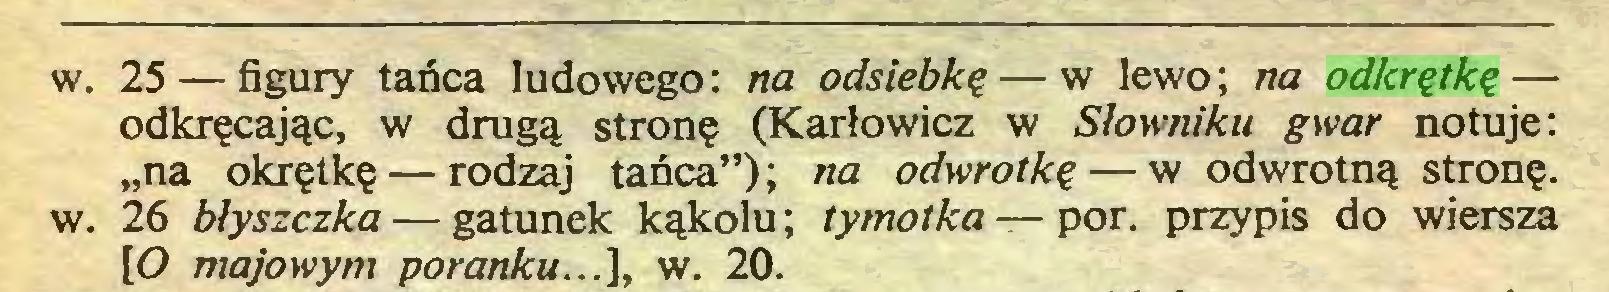 """(...) w. 25 — figury tańca ludowego: na odsiebkę — w lewo; na odkrętkę — odkręcając, w drugą stronę (Karłowicz w Słowniku gwar notuje: """"na okrętkę — rodzaj tańca""""); na odwrotkę — w odwrotną stronę, w. 26 blyszczka — gatunek kąkolu; tymotka — por. przypis do wiersza [O majowym poranku...], w. 20..."""